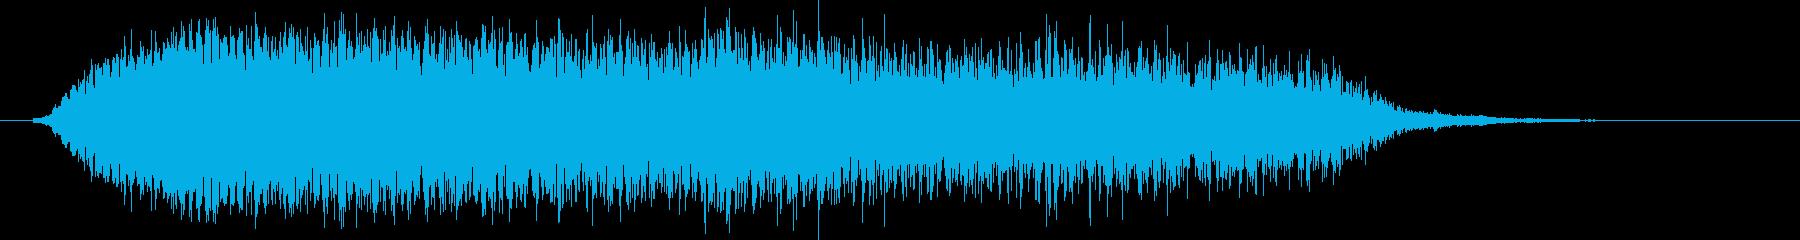 ピューン(コミカルに落下する音)の再生済みの波形